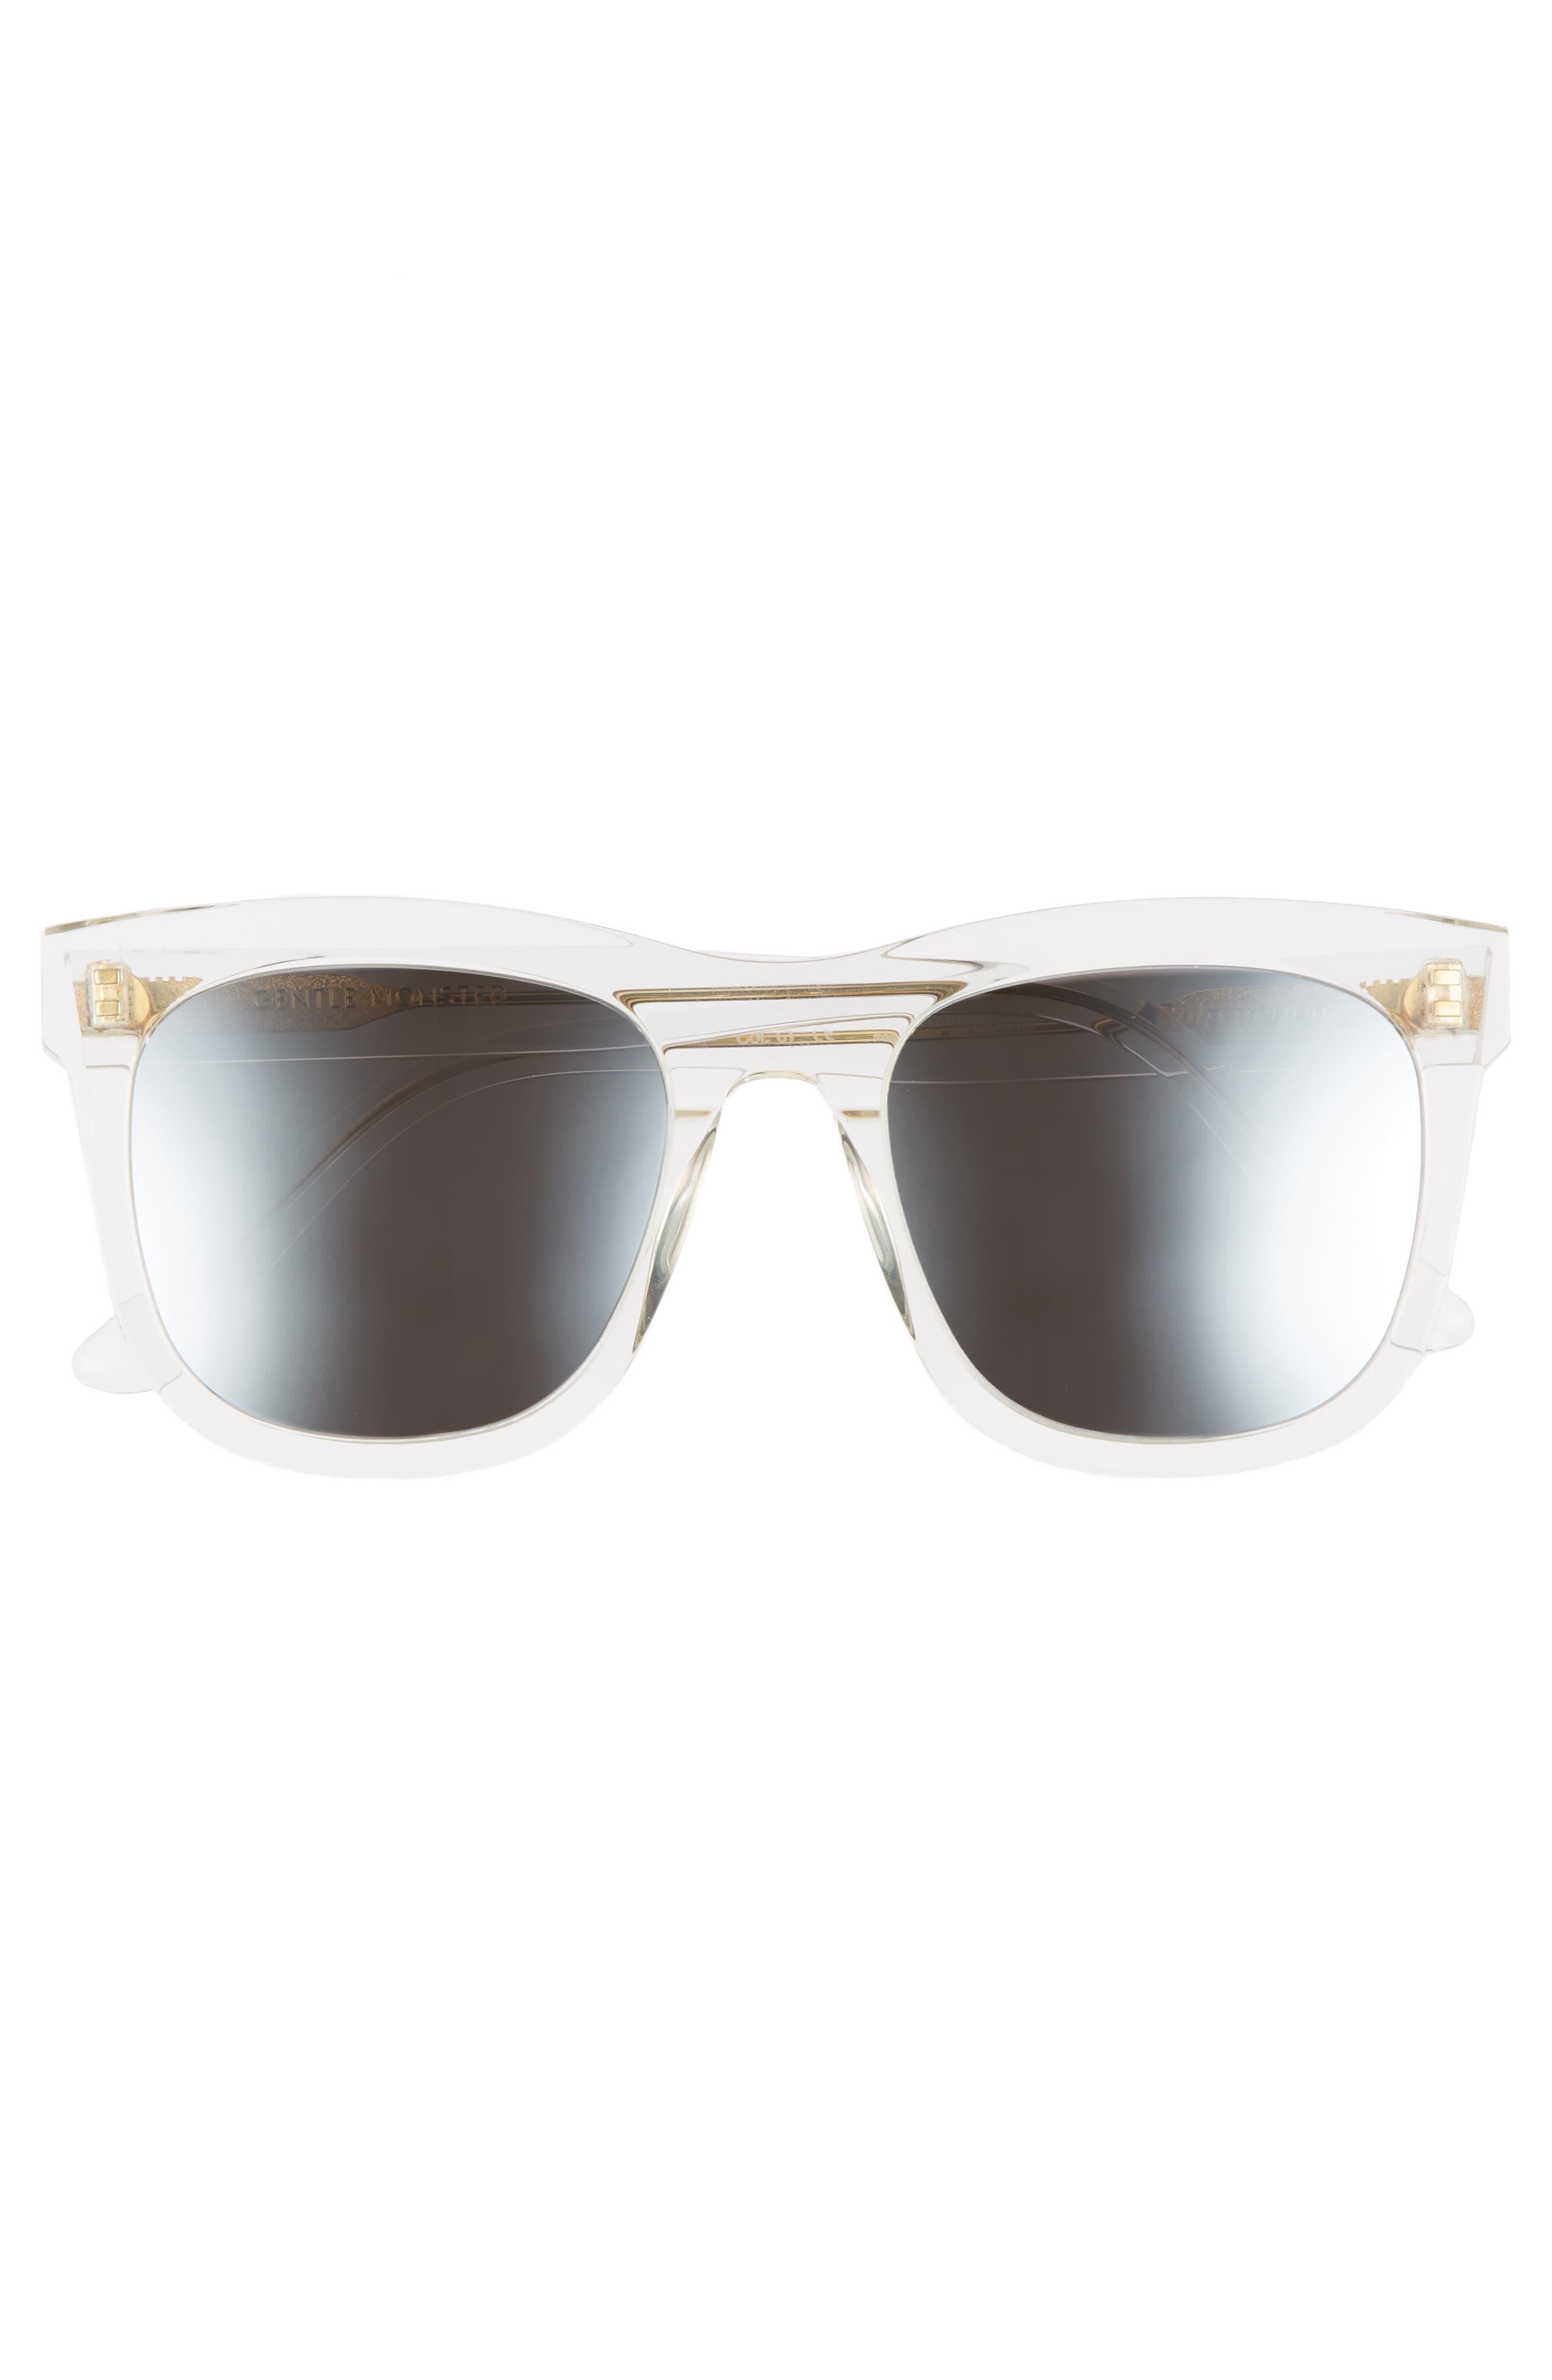 Pulp Fiction 54mm Sunglasses,                             Alternate thumbnail 3, color,                             100